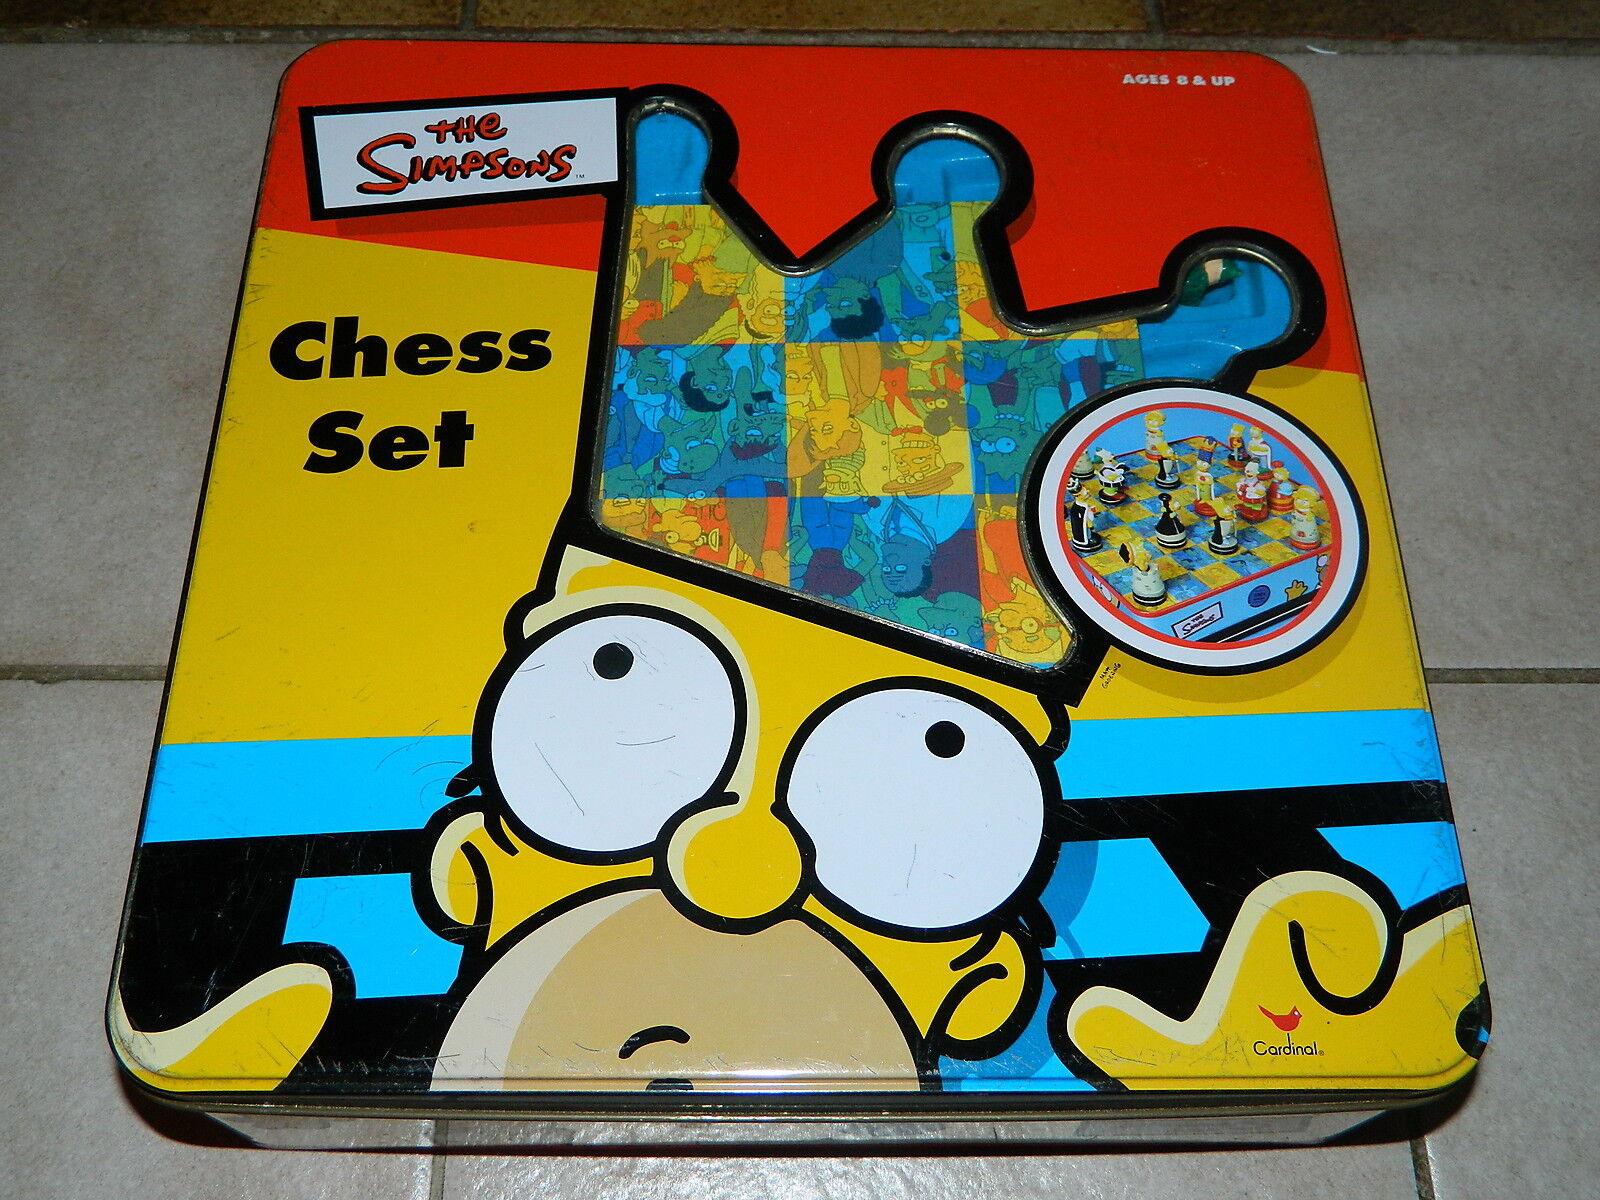 Simpsons aux échecs SET-Chess Set-Cardinal-Dans Métal Box-complet-RARE